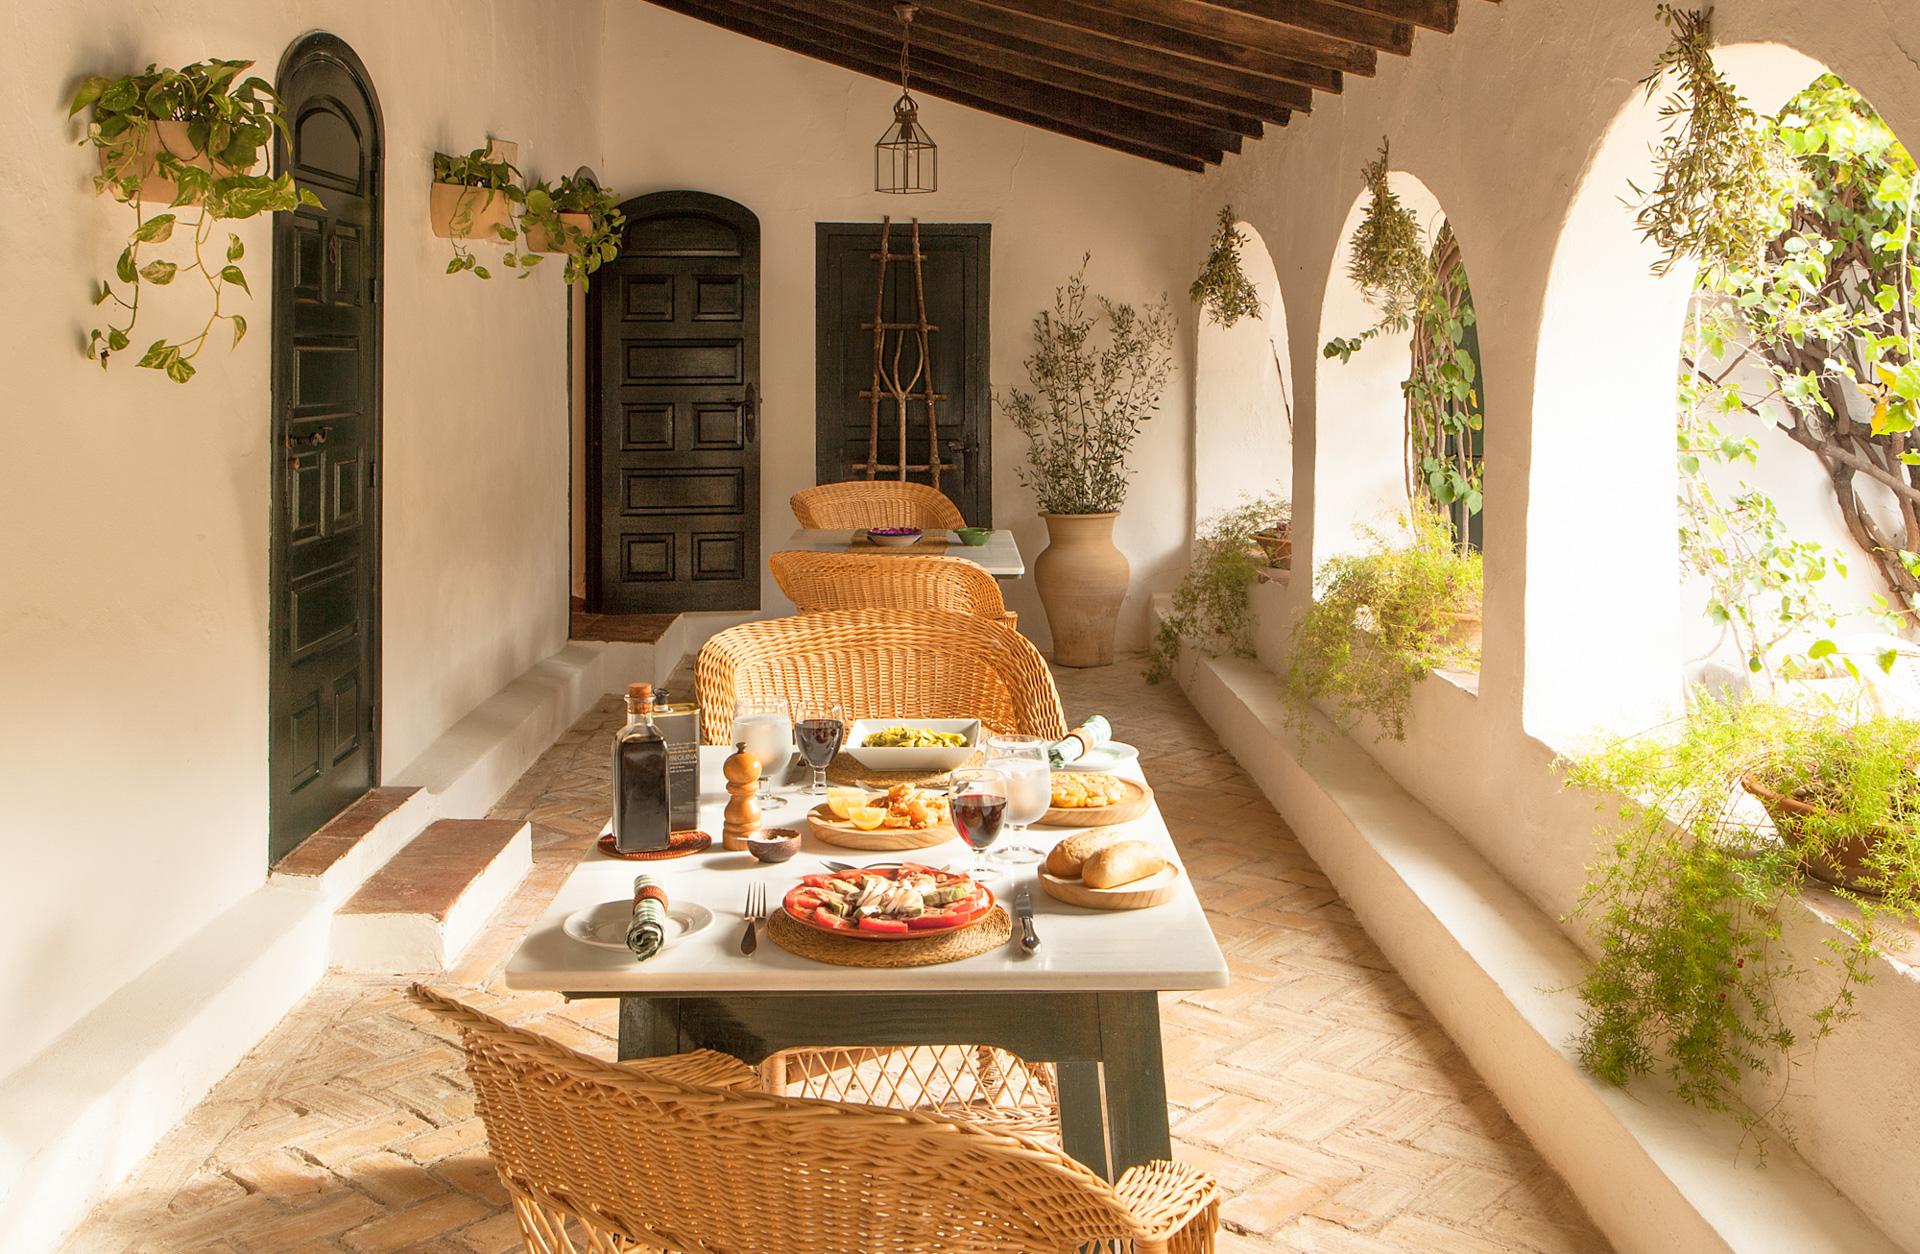 hospitality_tourism_16